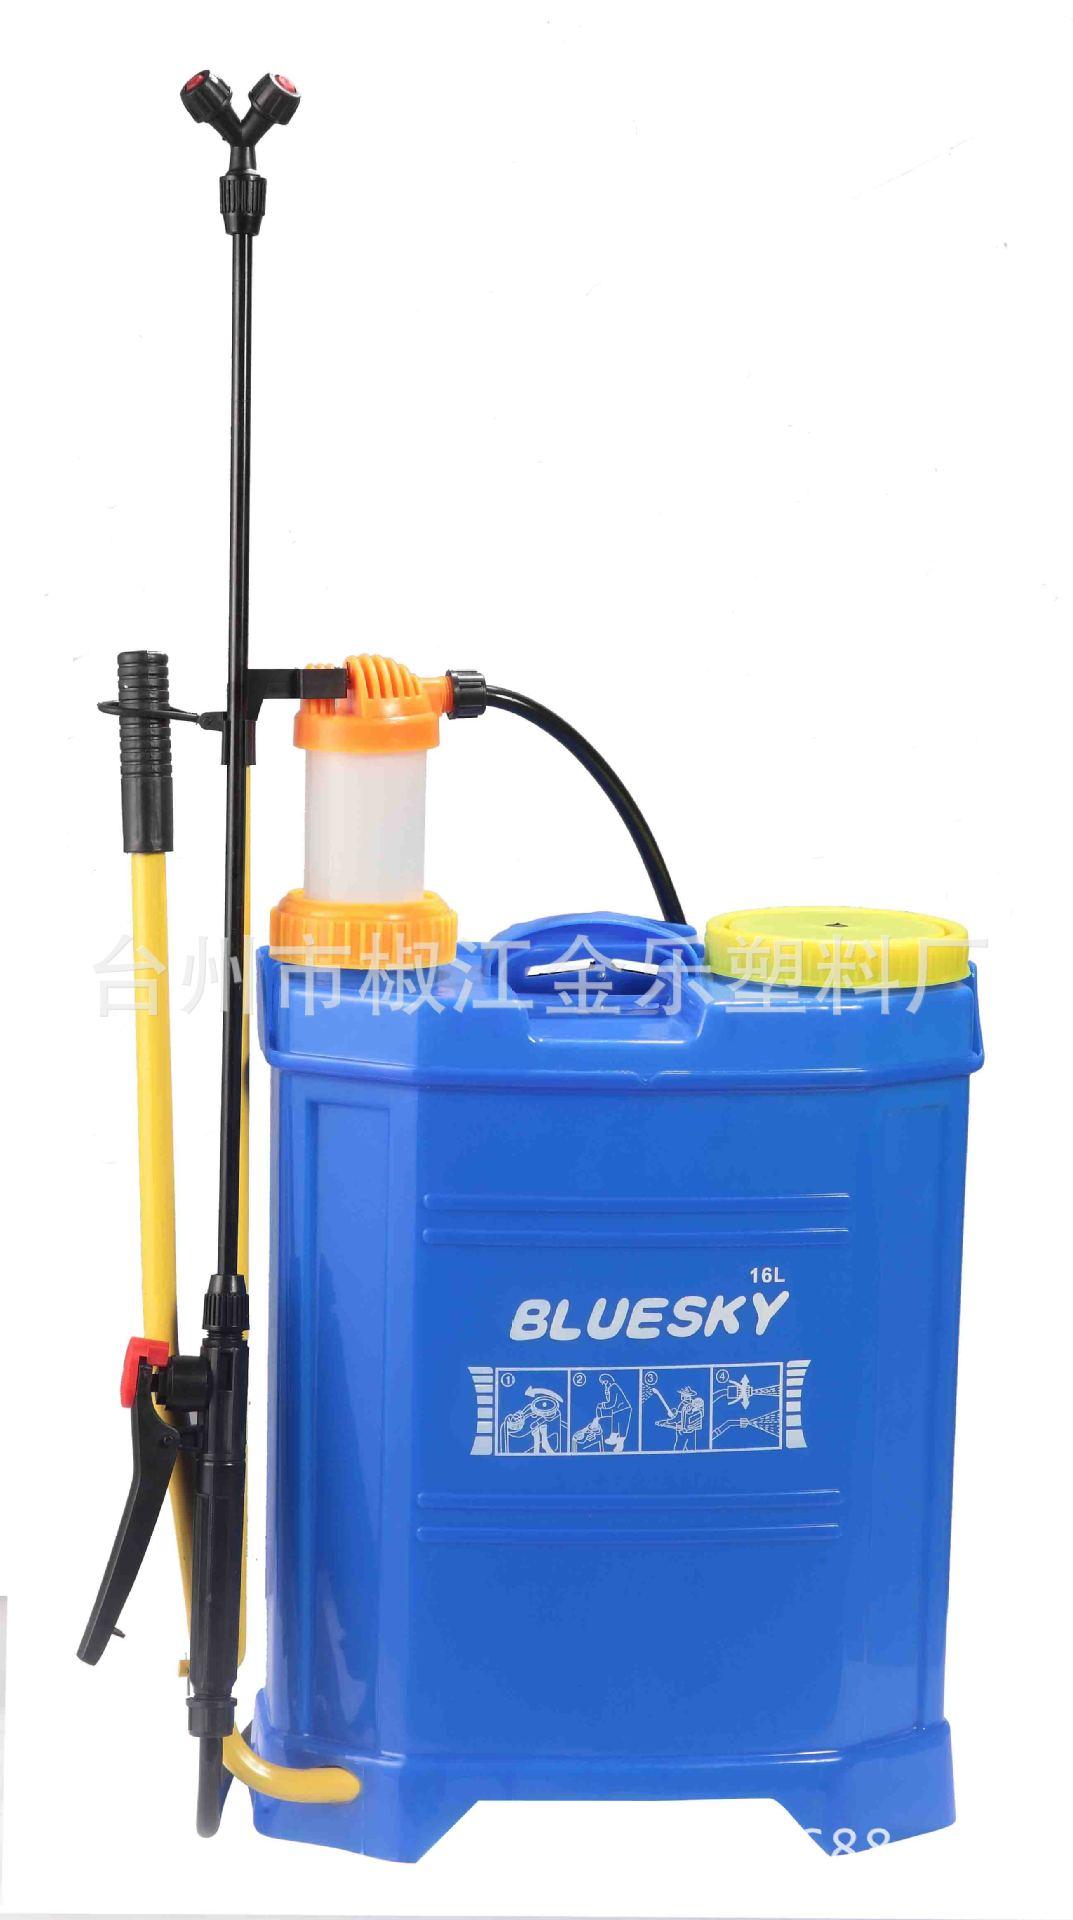 园林灌溉工具八角手动16L喷雾器 背负式农用喷雾器JL-16a-05